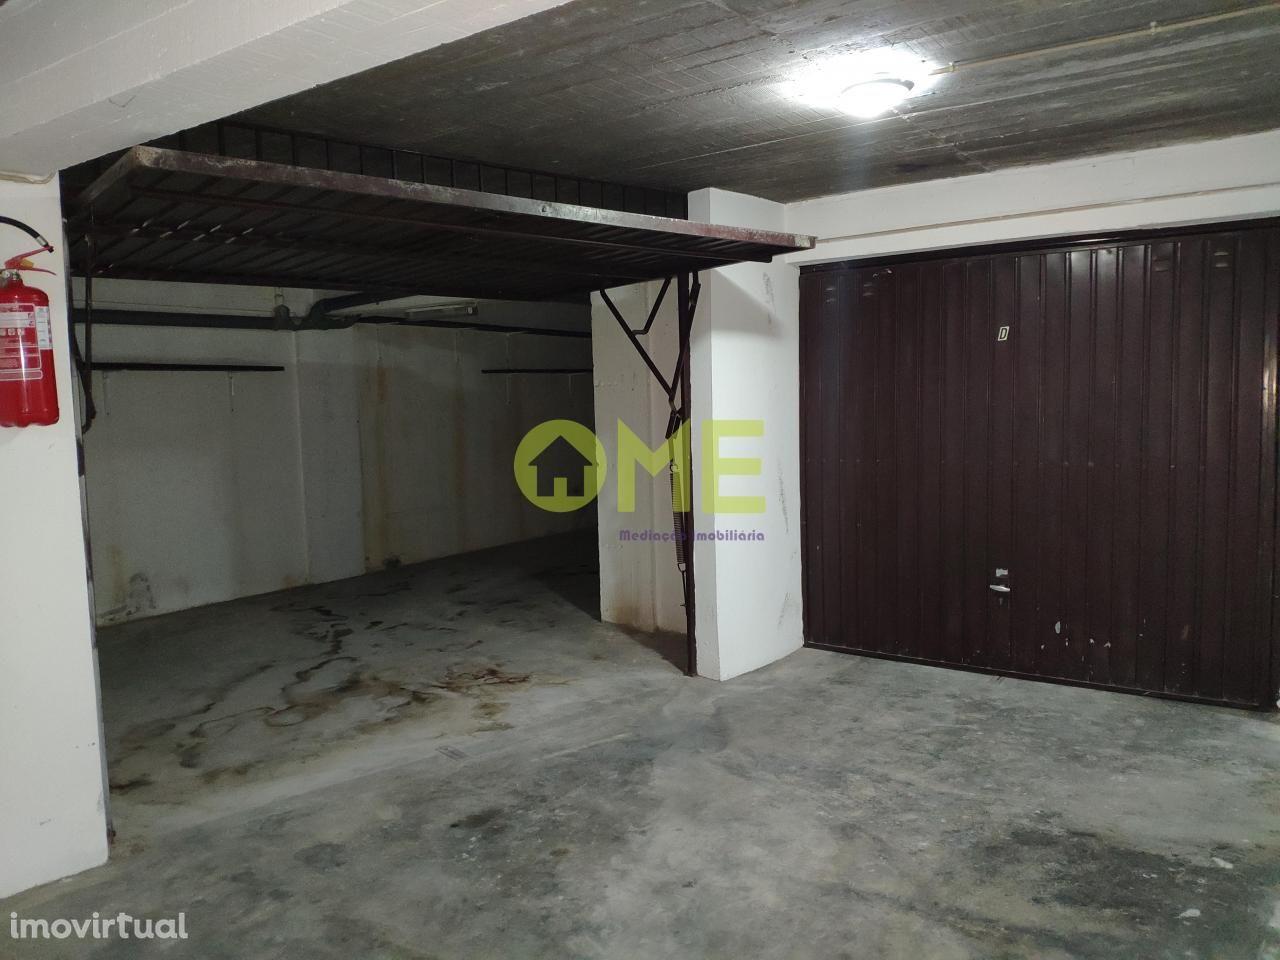 Garagem fechada, situada na Avenida Dom Nuno Álvares Pereira